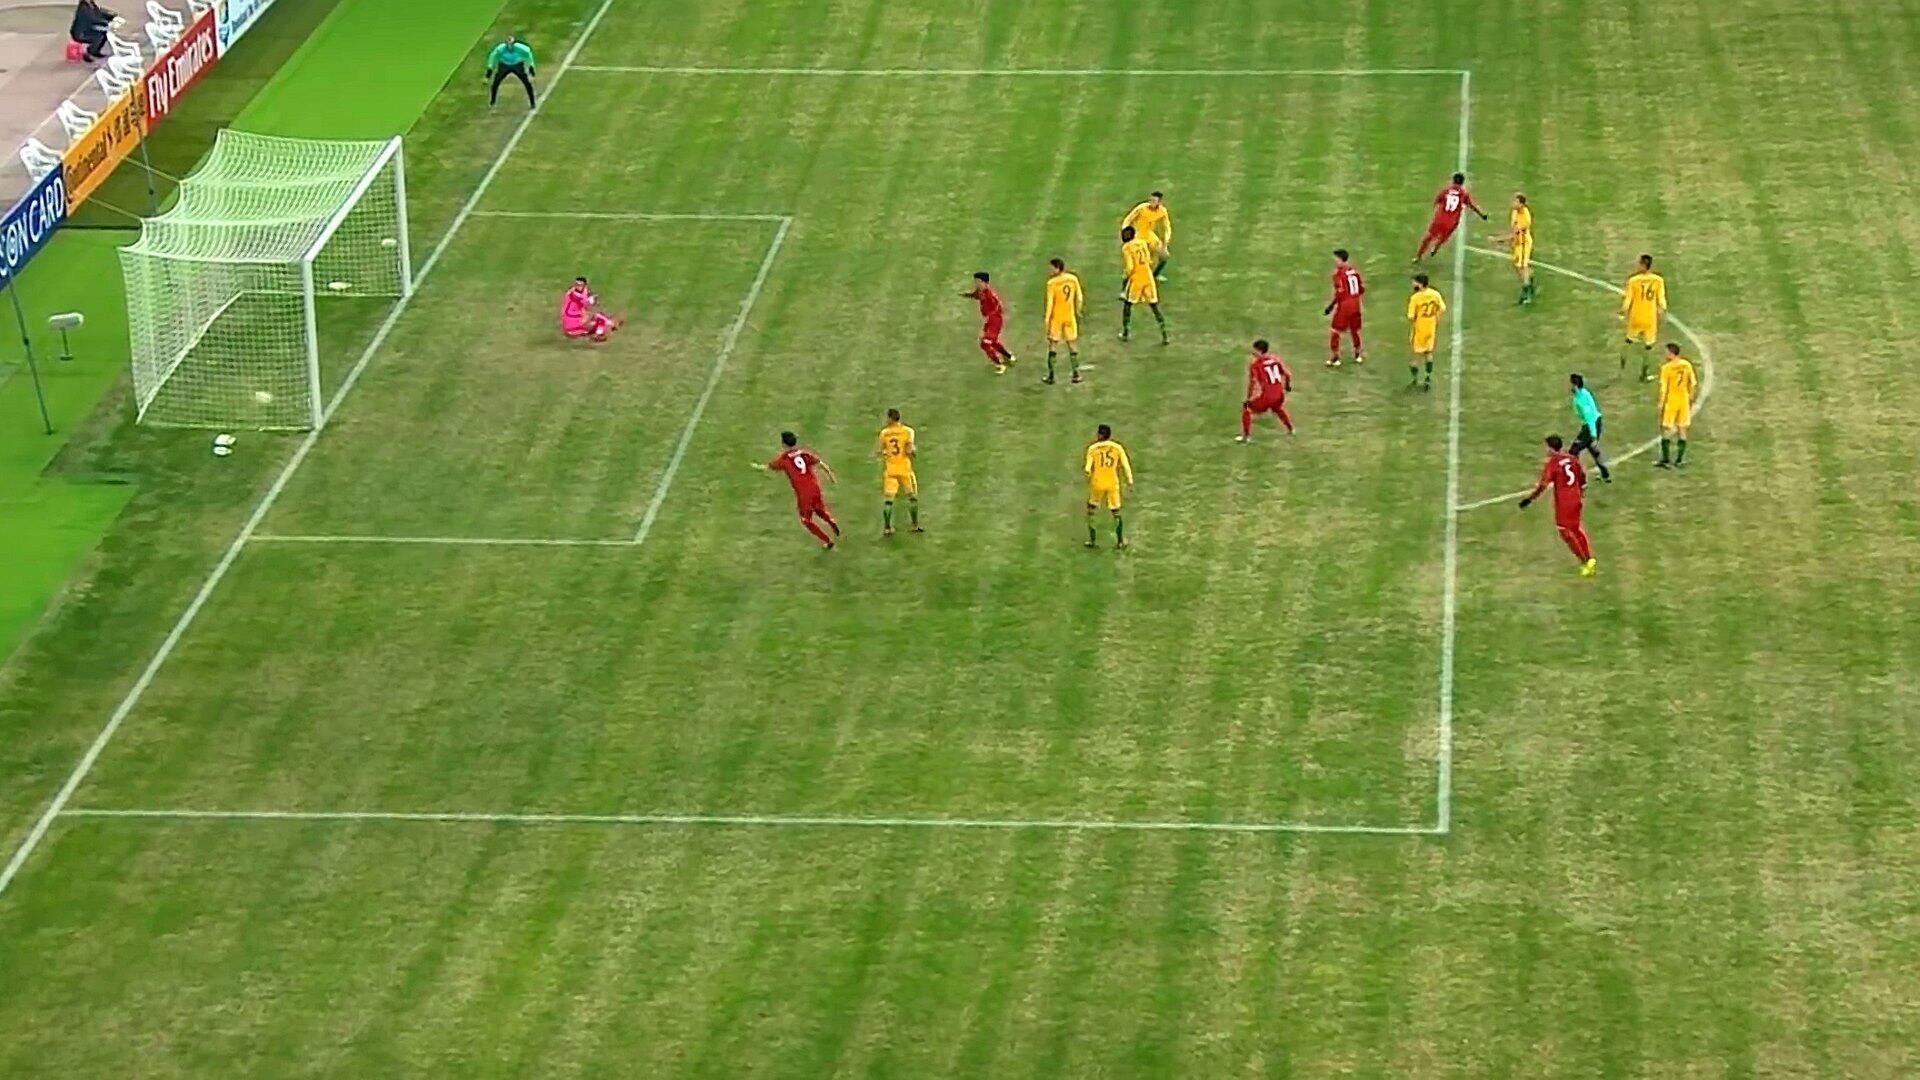 Pha làm bàn của đội tuyển U-23 Việt Nam (áo đỏ) vào phút thứ 72 trong trận thắng đội tuyển Úc (áo vàng) 1-0 tại Giải Vô Địch AFC ngày 14/01/2018.